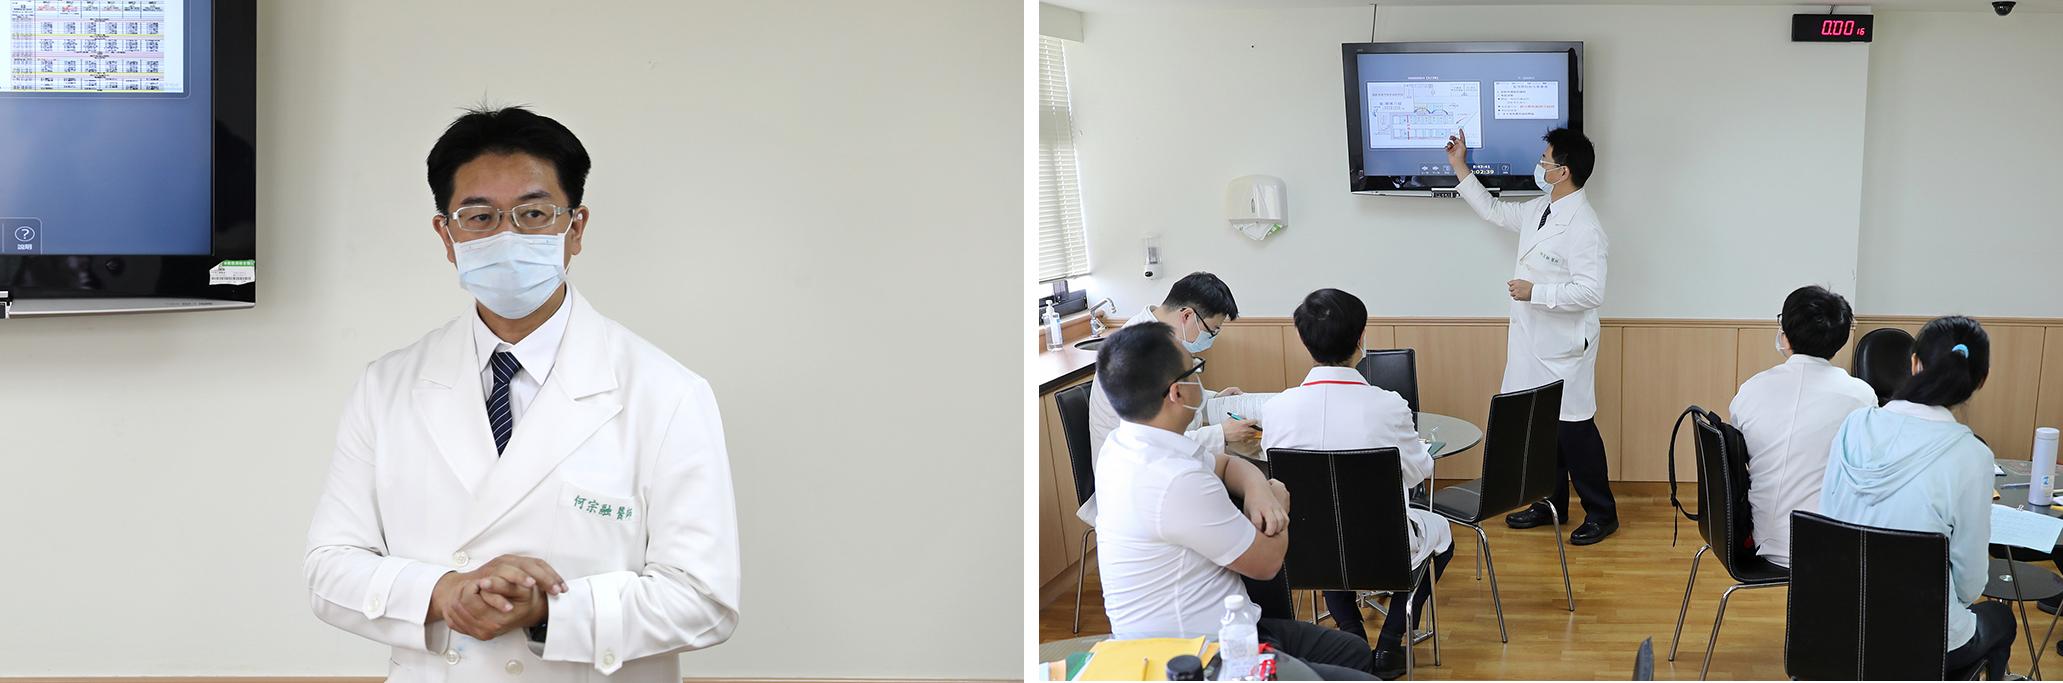 花蓮慈院中醫部何宗融副院長與考官說明考官共識。